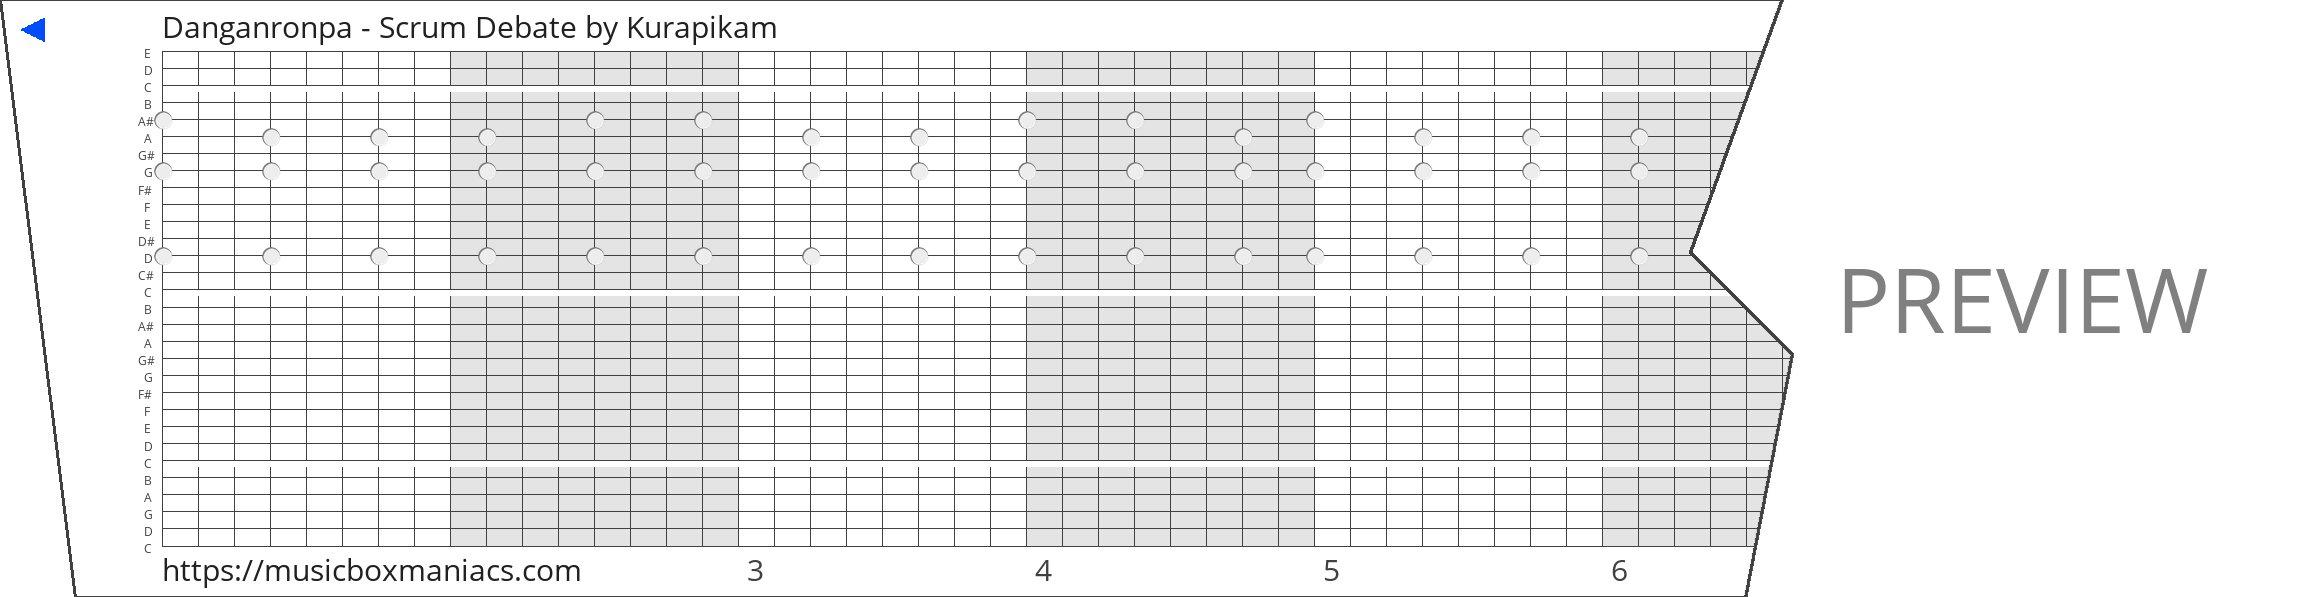 Danganronpa - Scrum Debate 30 note music box paper strip